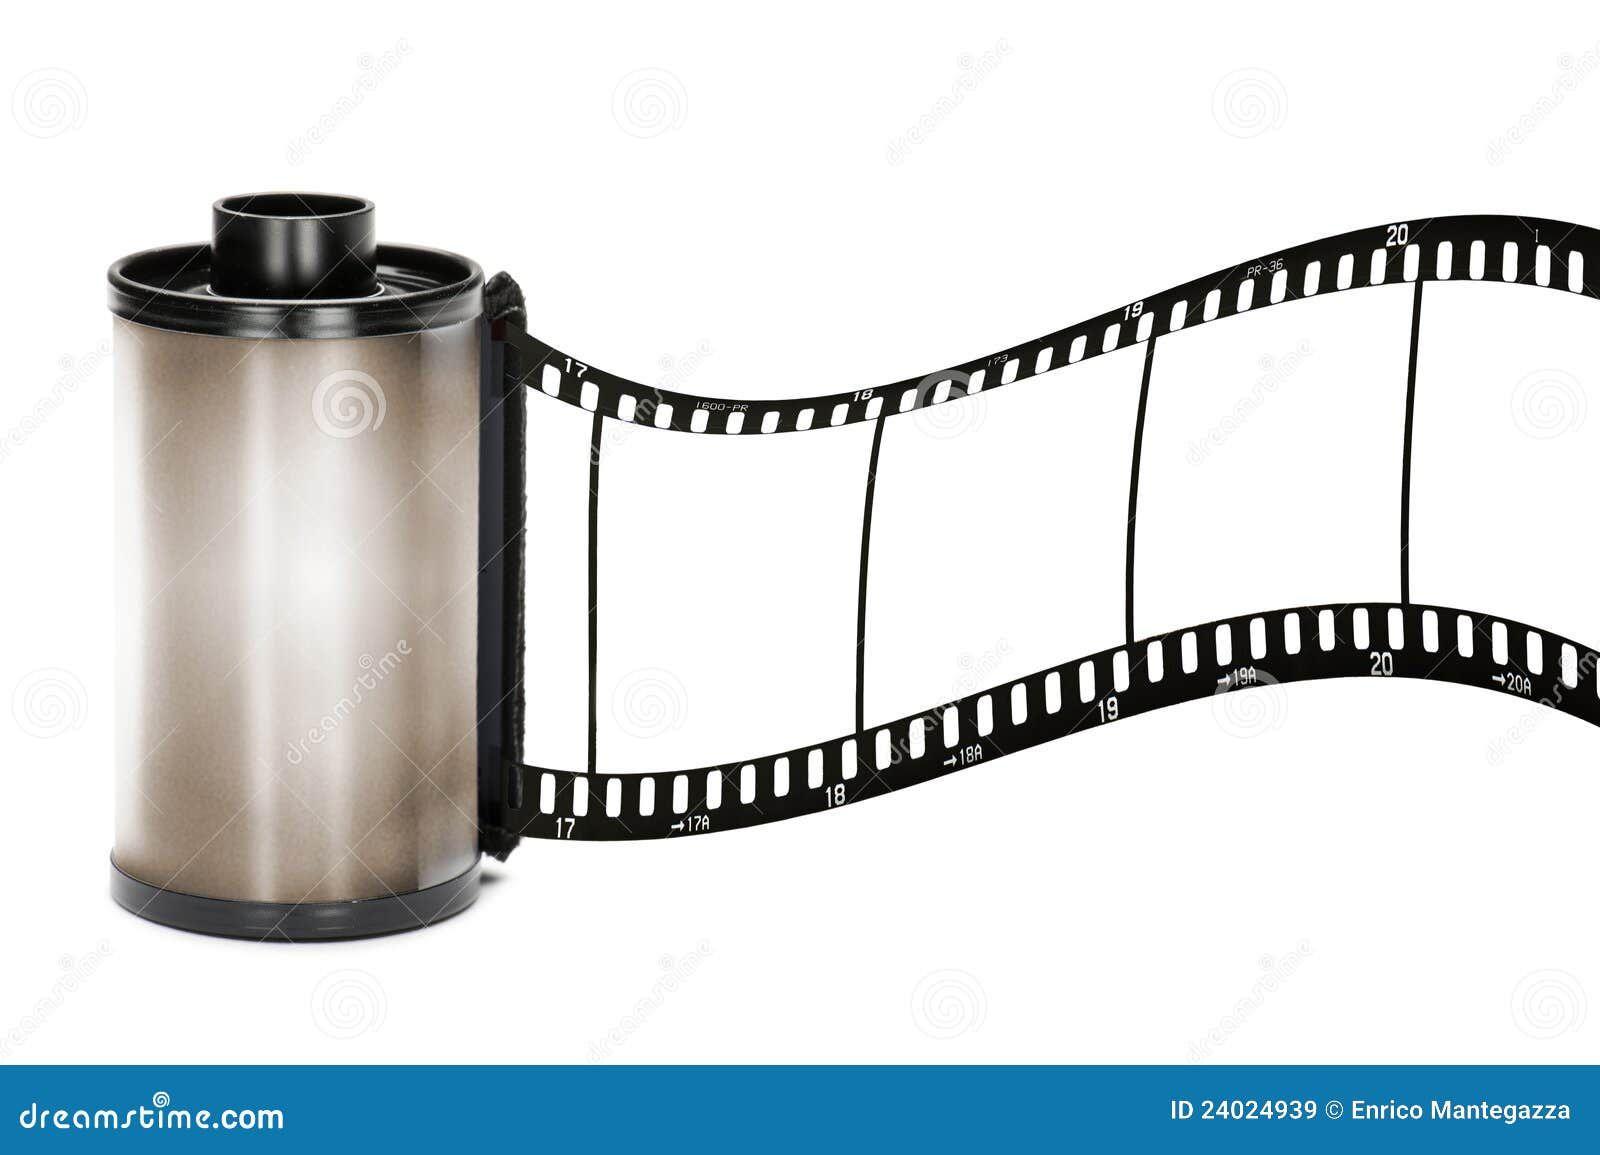 Cameras Roll